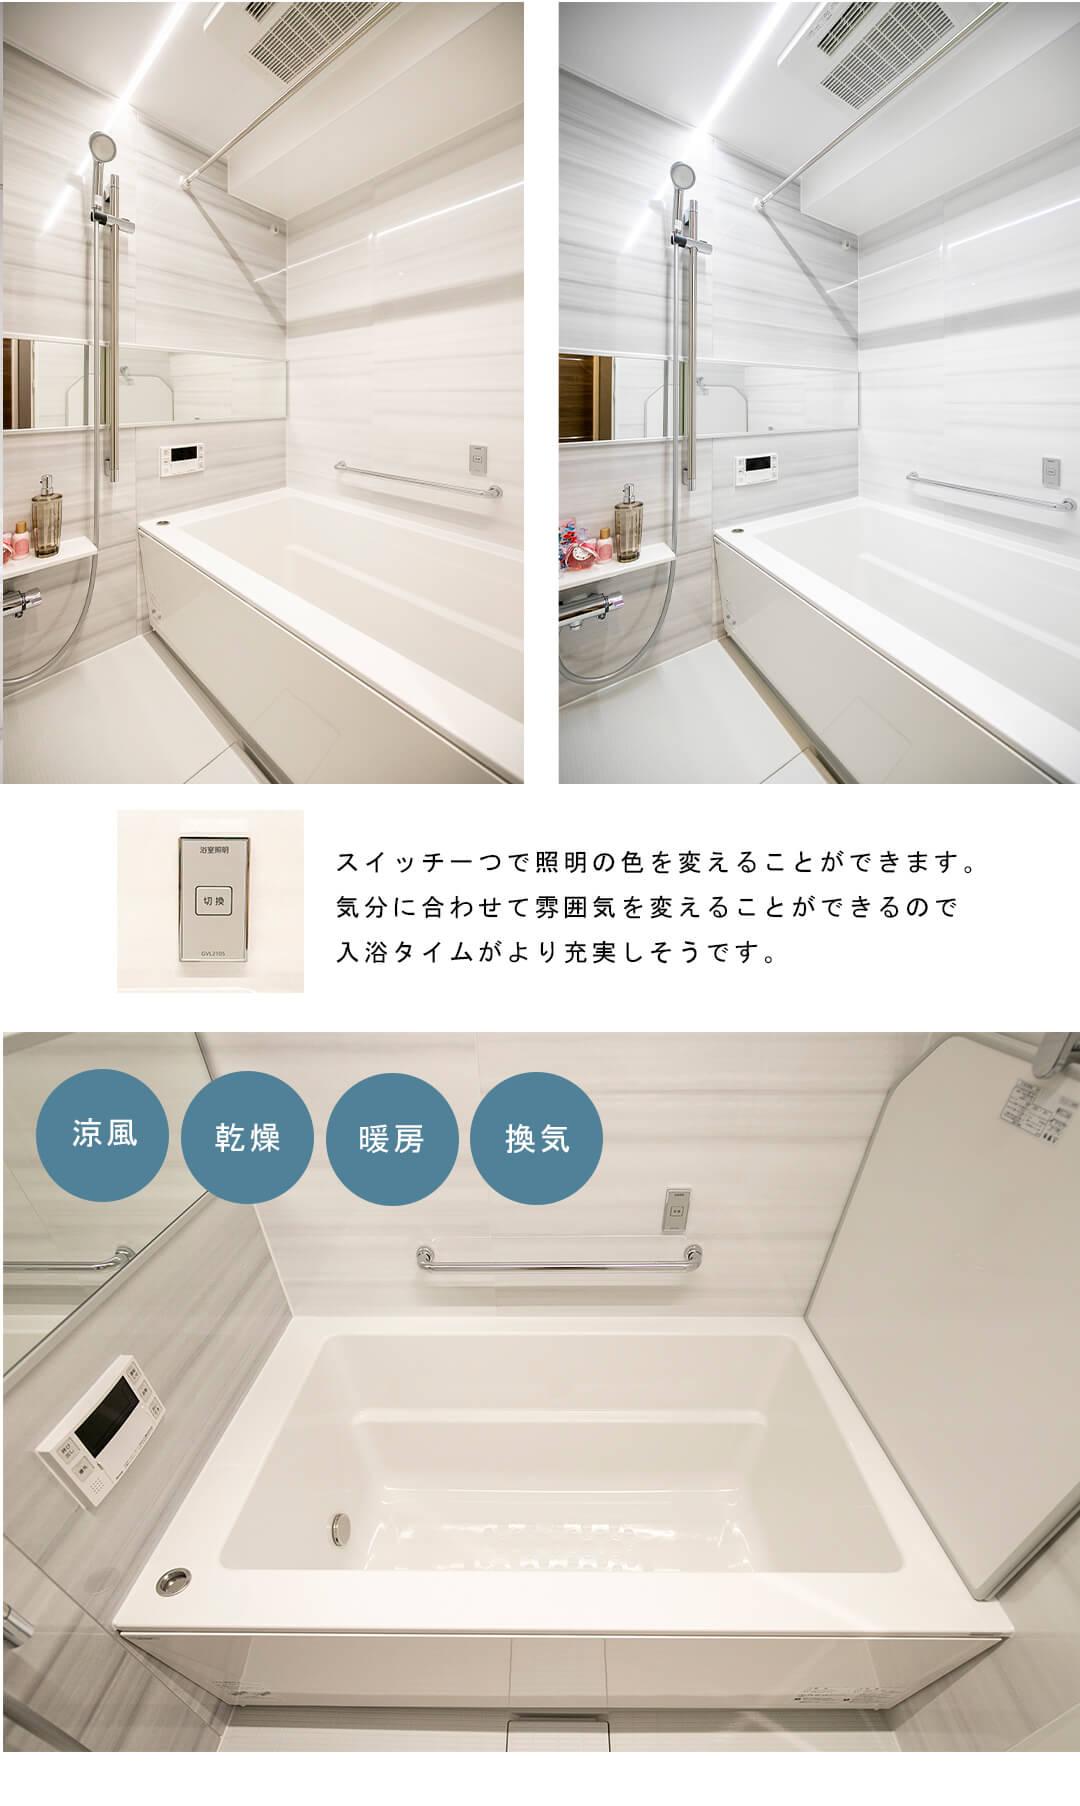 ライオンズマンション目白台シティの浴室